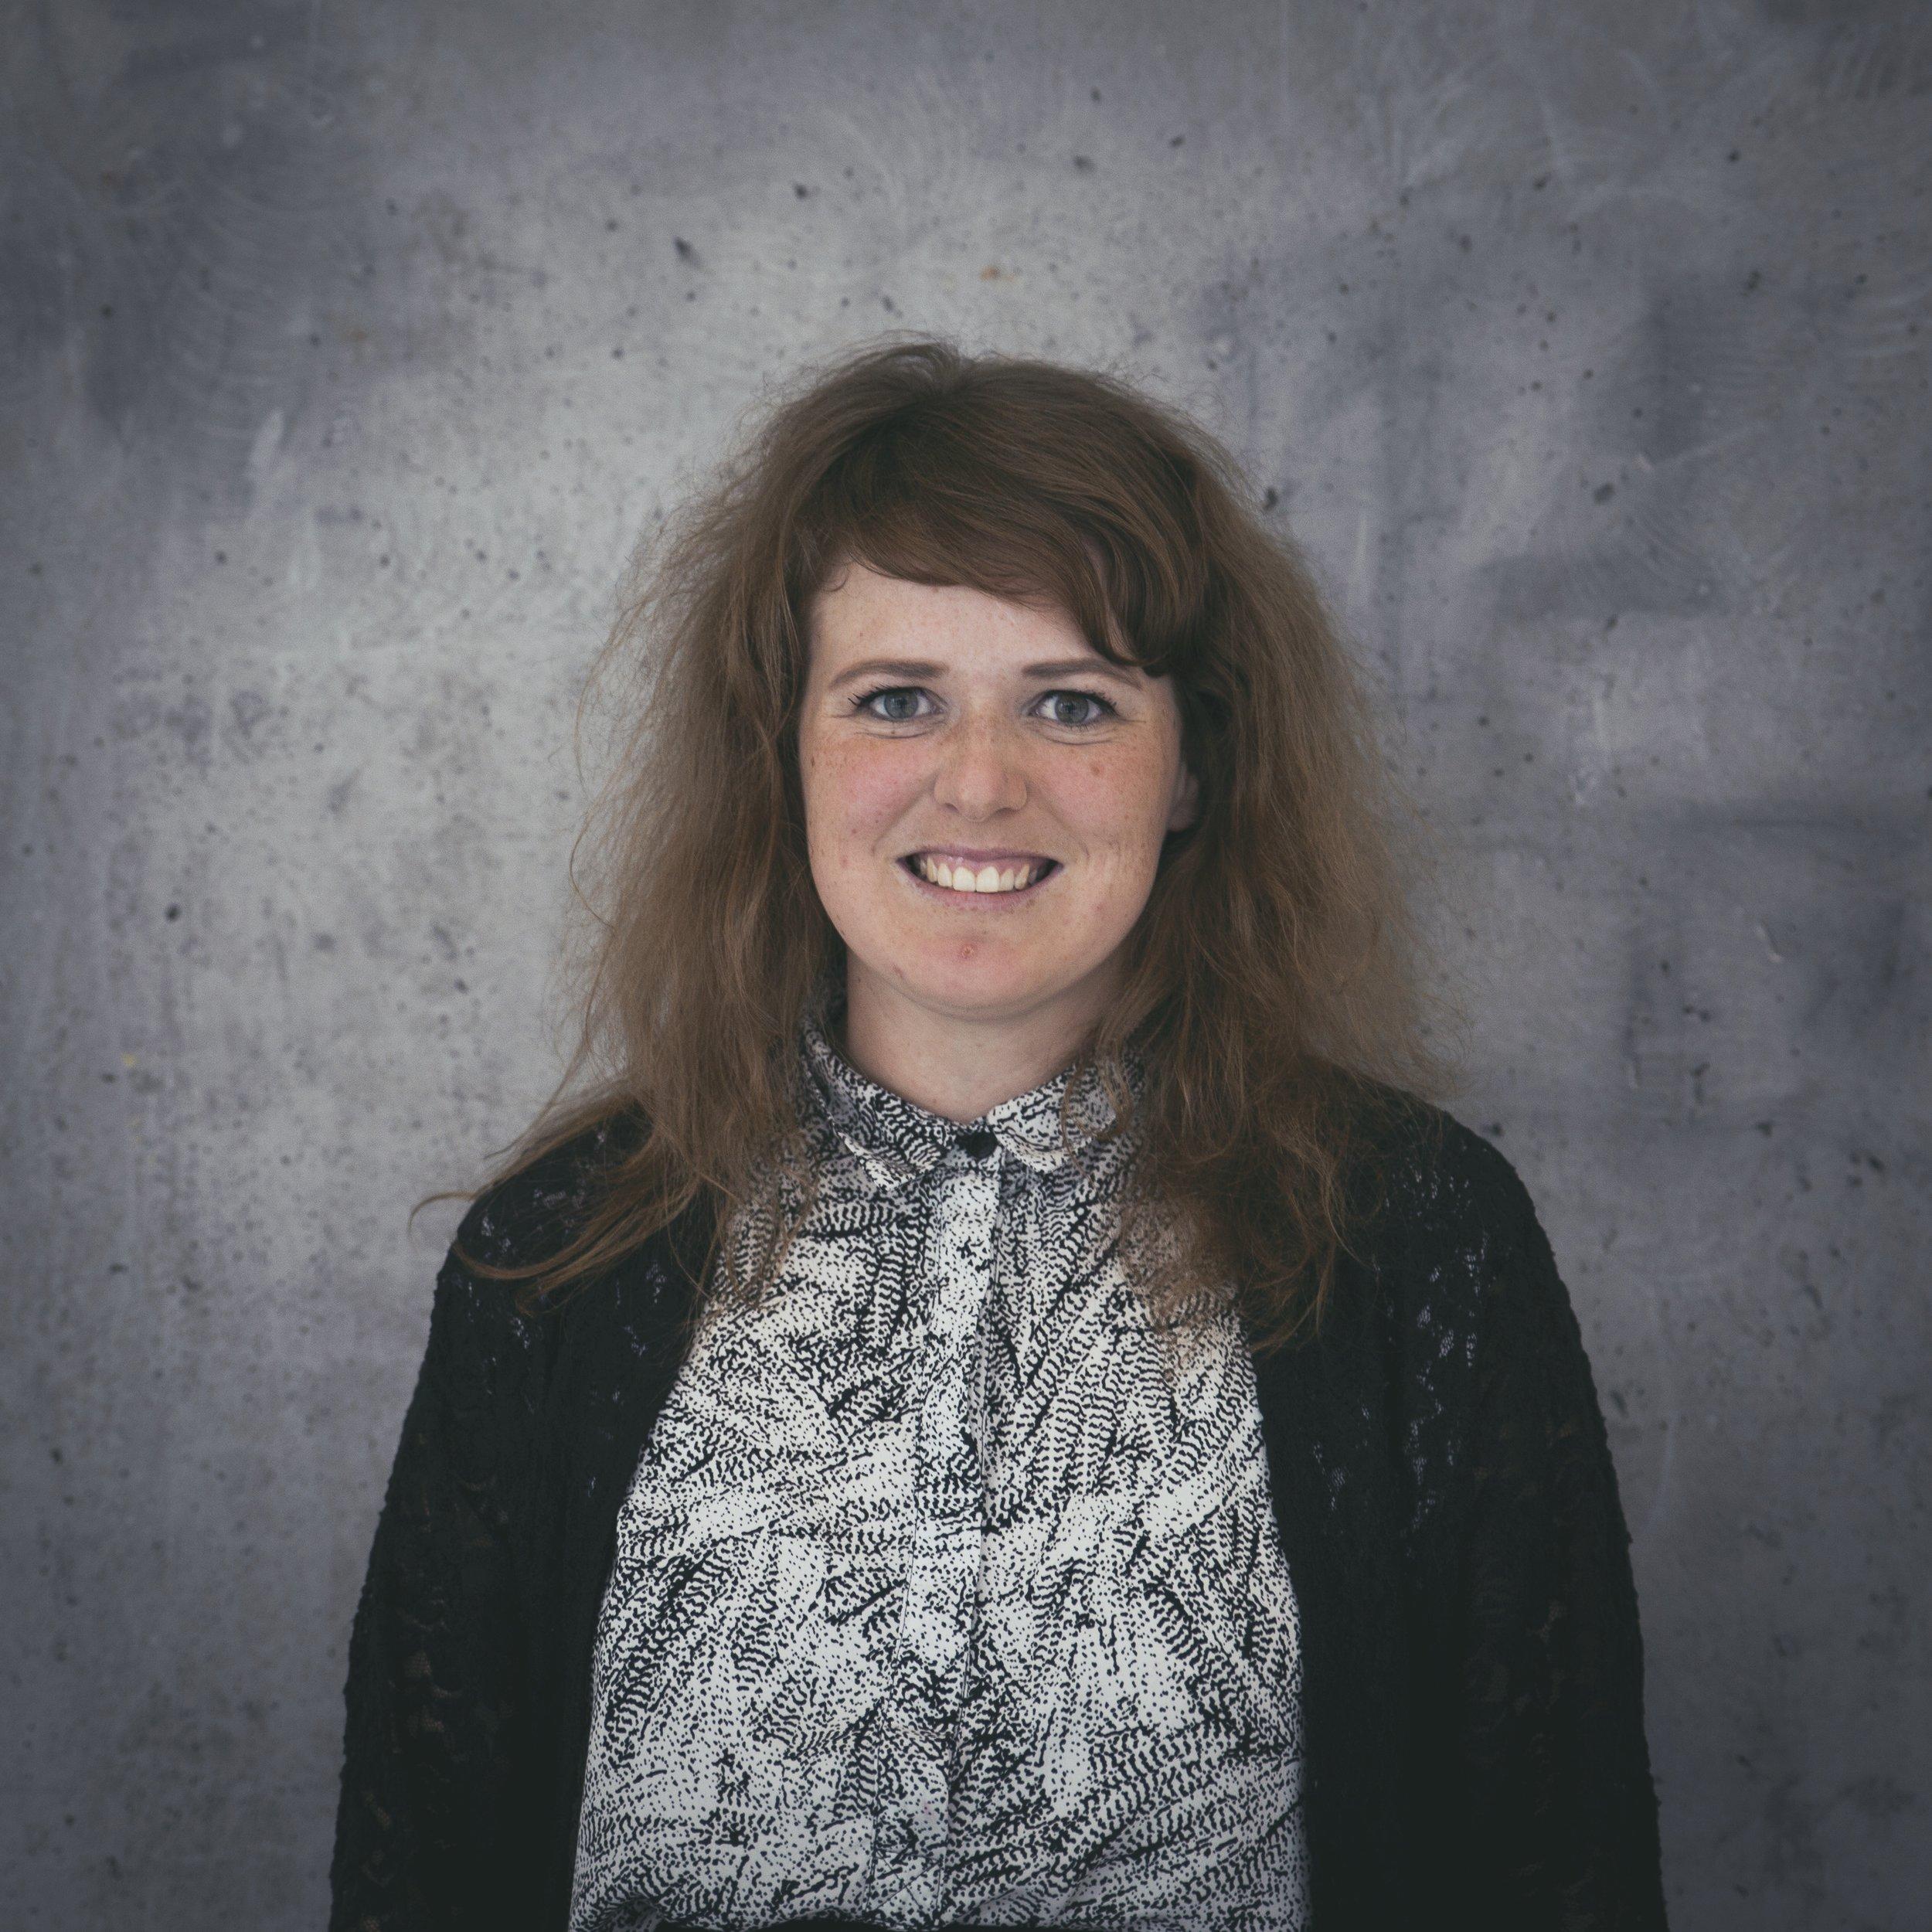 Yvonne Streit